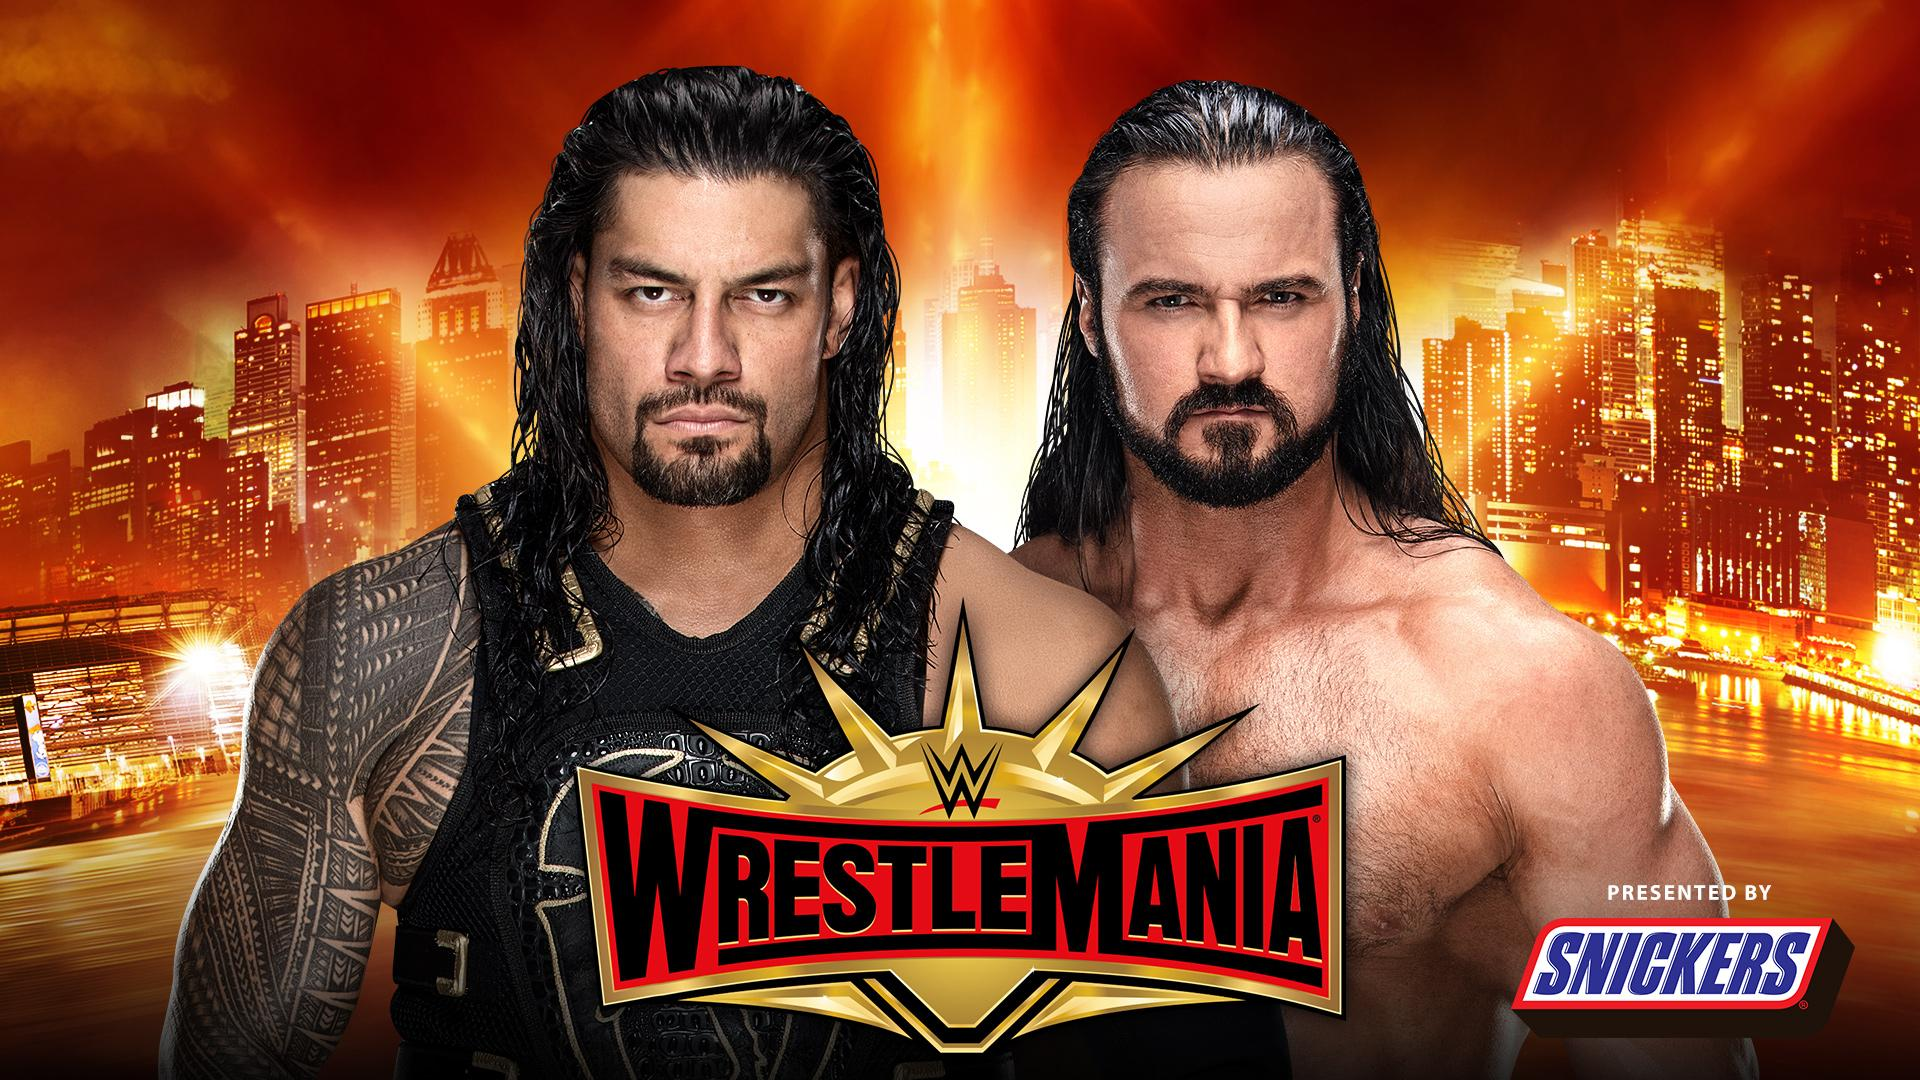 Roman Reigns vs. Drew McIntyre en WWE WrestleMania 35 (07/04/2019) / WWE